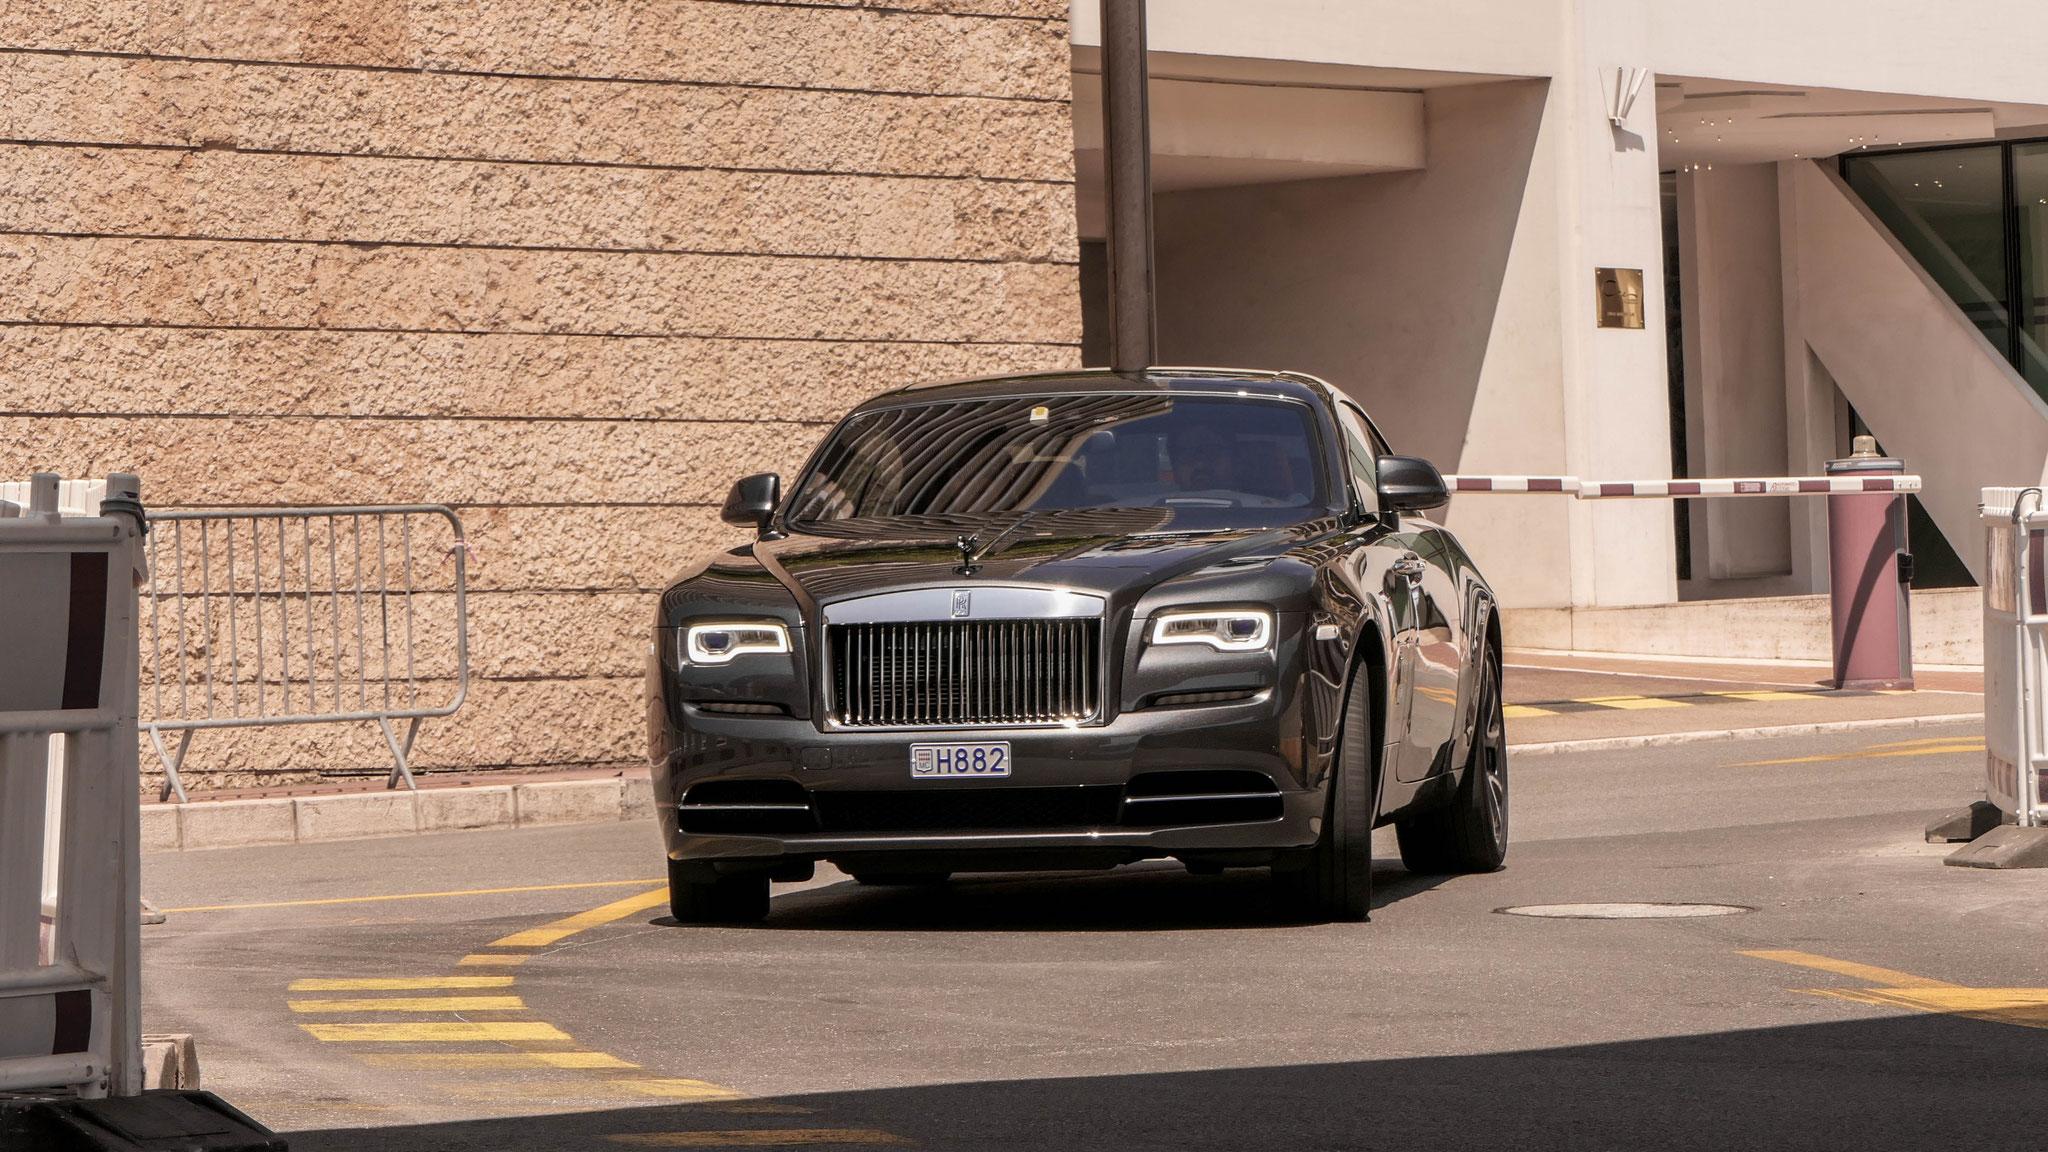 Rolls Royce Wraith - H882 (MC)